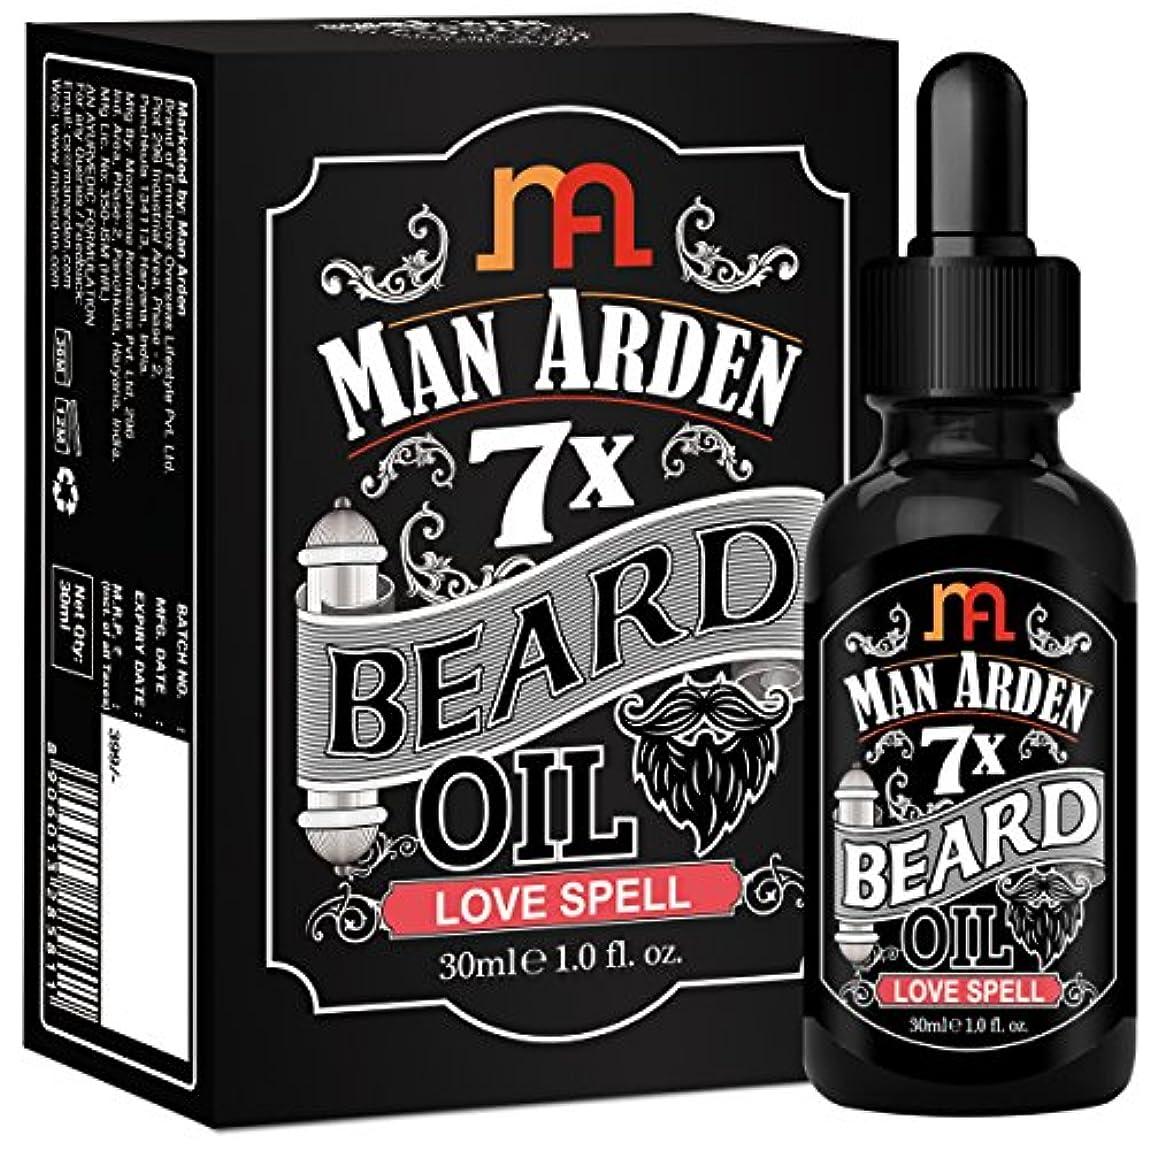 休日に殺人者歩くMan Arden 7X Beard Oil 30ml (Love Spell) - 7 Premium Oils Blend For Beard Growth & Nourishment